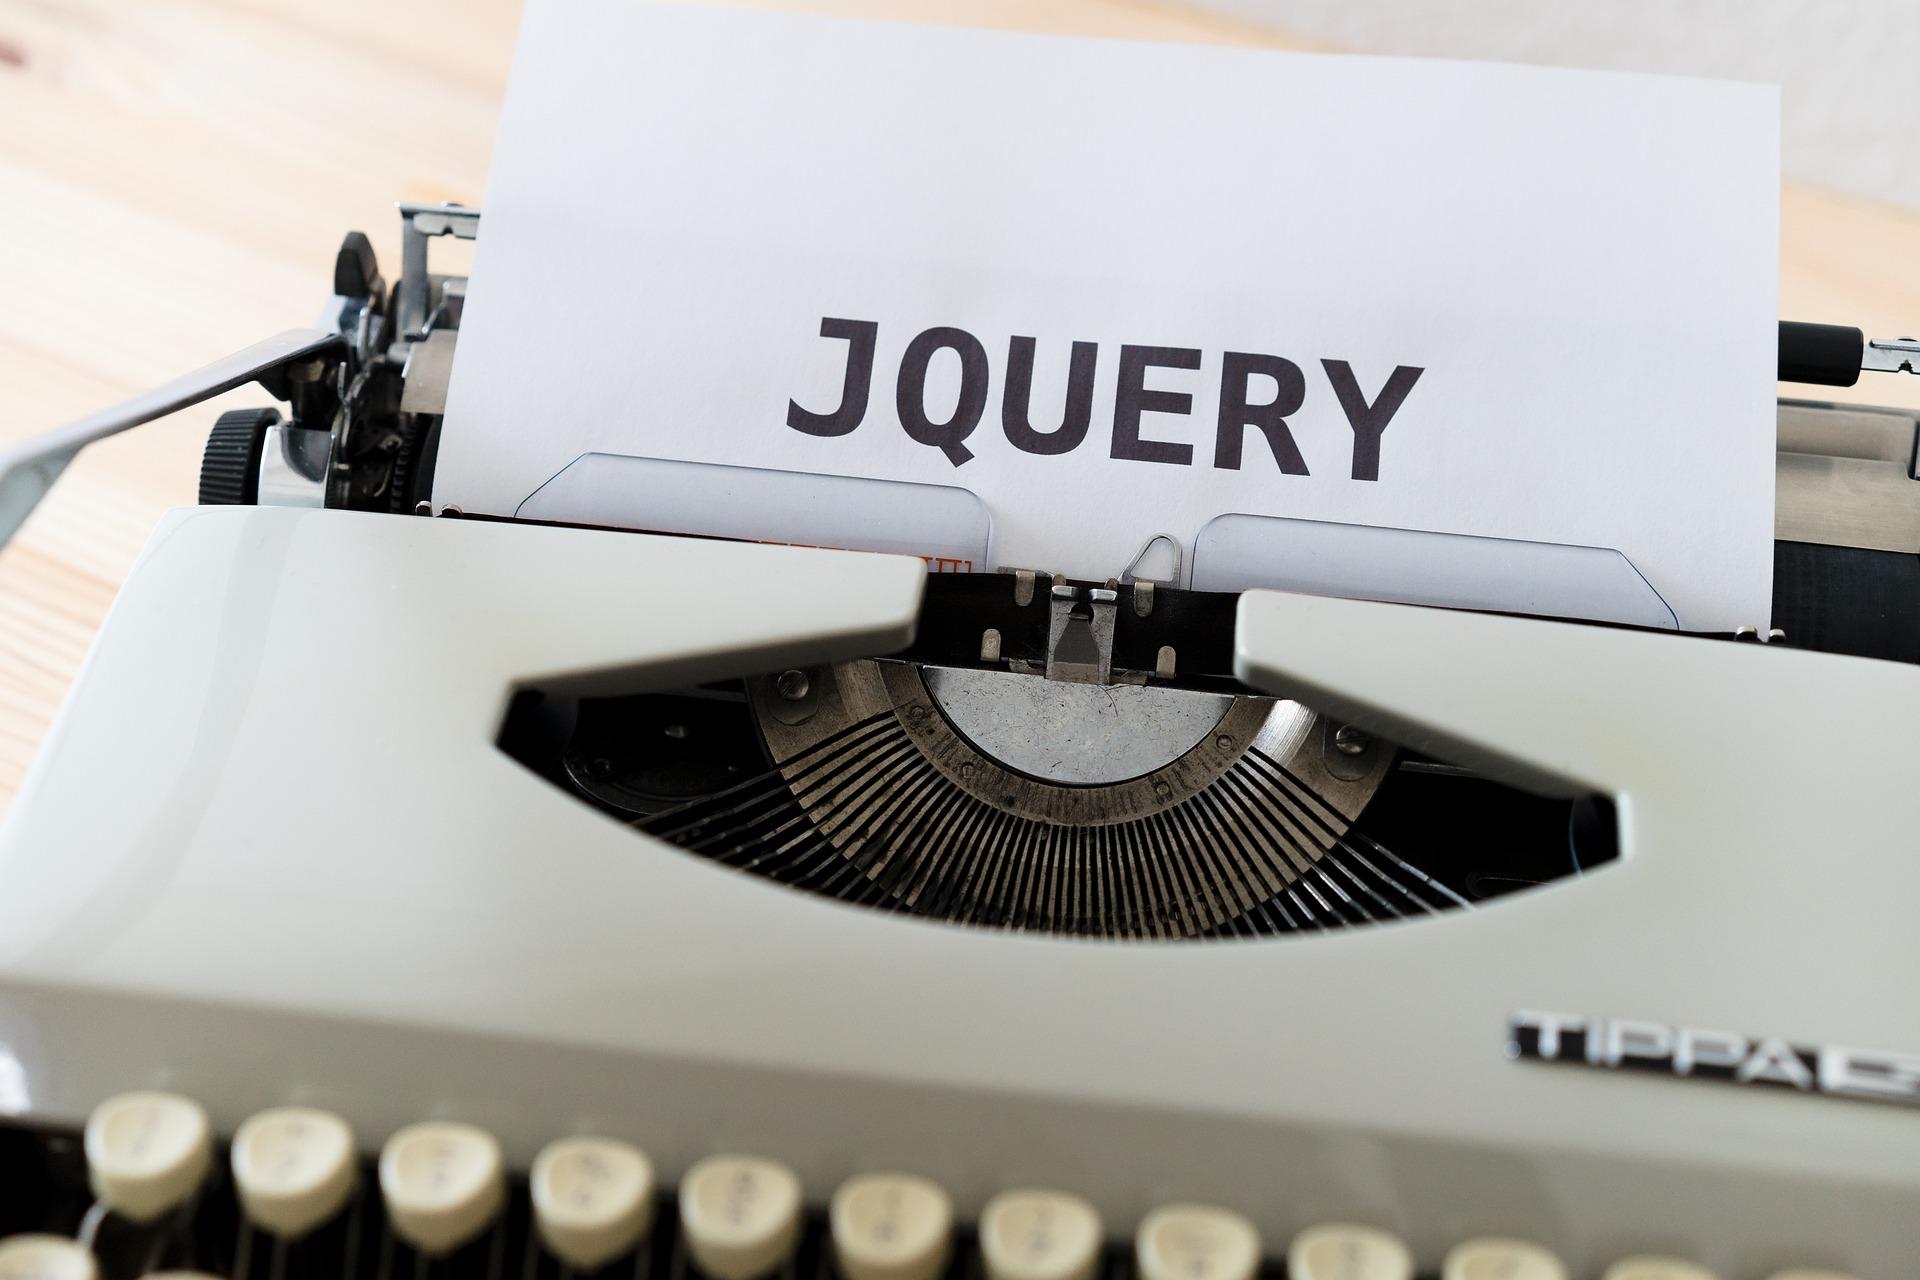 WordPressで読み込まれるjQueryやjQuery Migrateを新しいバージョンに変更した時の挙動を確認できるプラグイン「Test jQuery Updates」